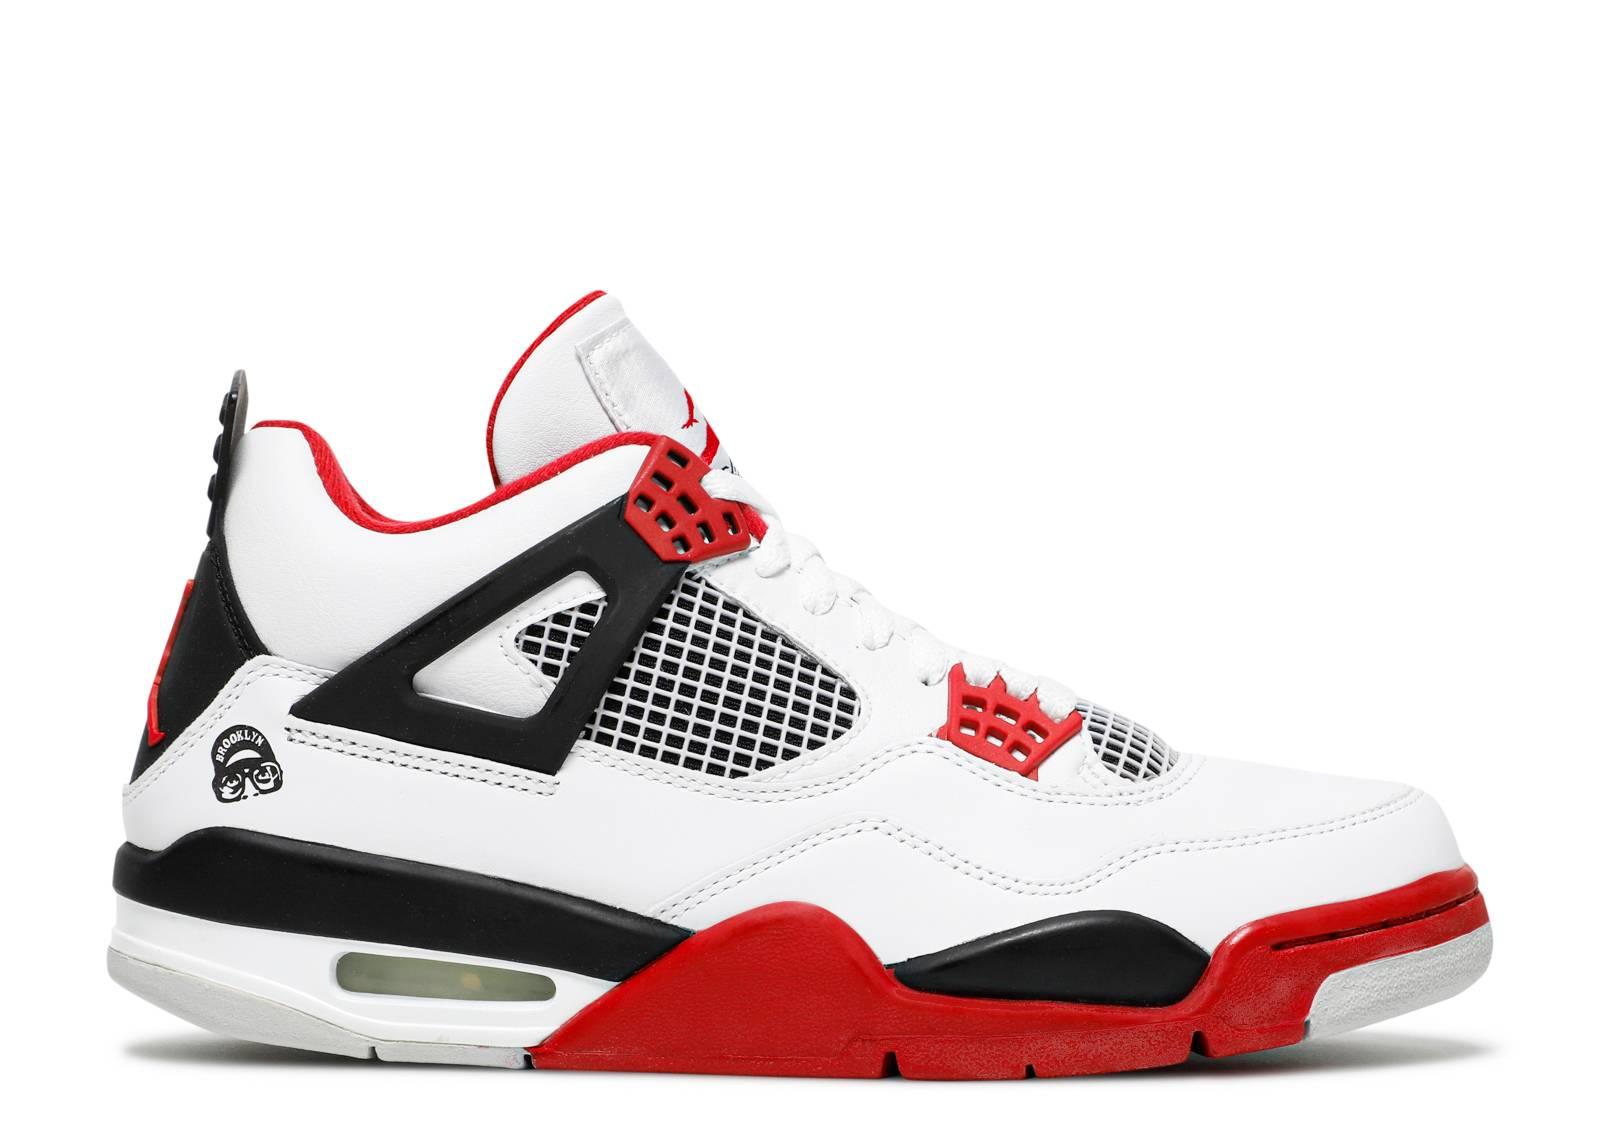 air jordan 4 mars blackmon 2012